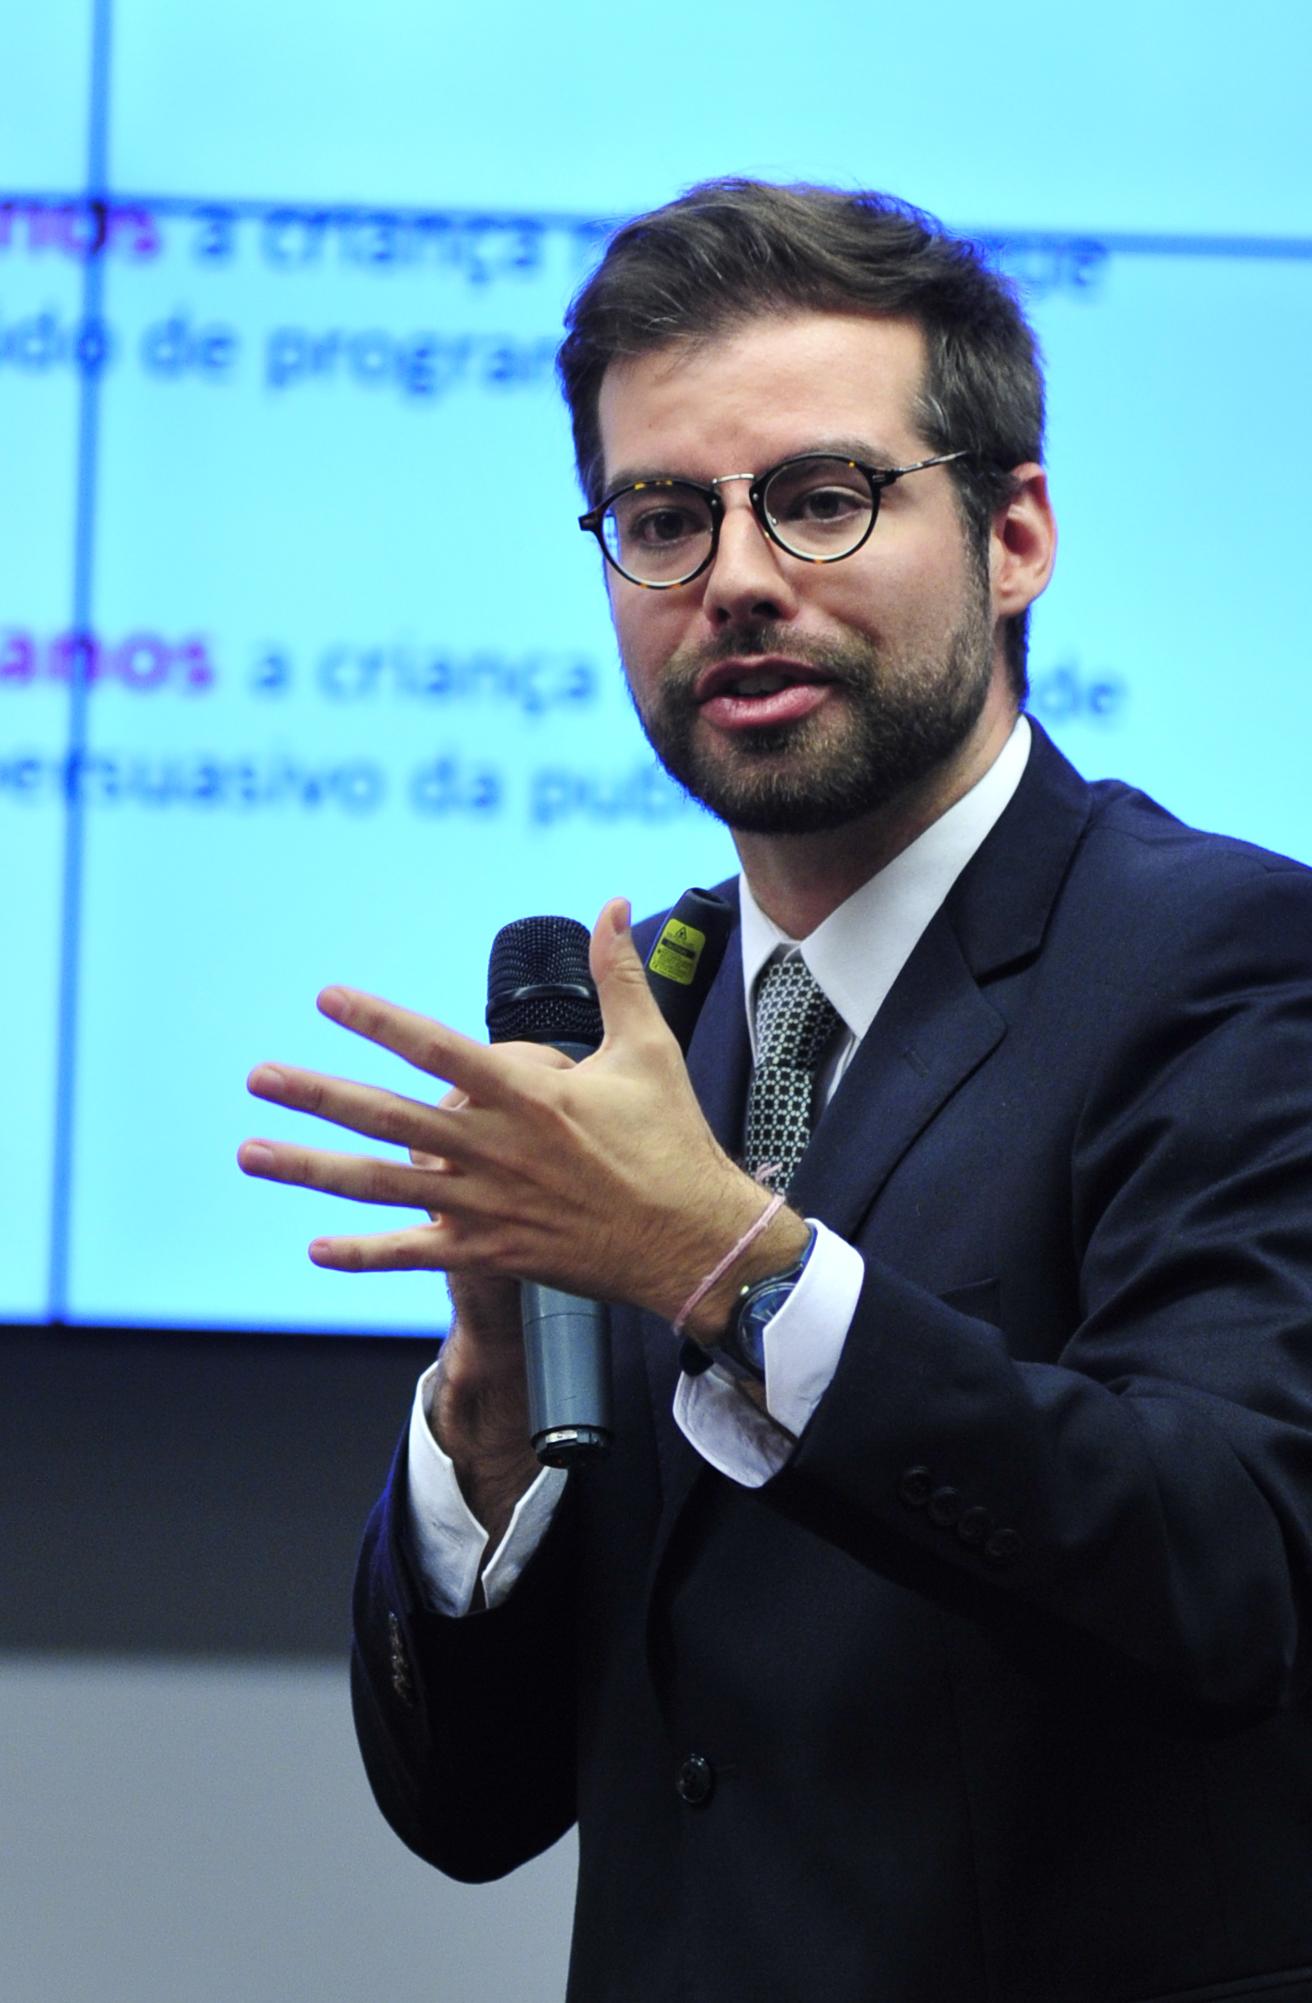 Audiência pública sobre o PL 702/11, que ·altera a Lei nº 8.069, de 13 de julho de 1990, restringindo a veiculação de propaganda de produtos infantis'. Advogado do Instituto ALANA, Pedro Hartung